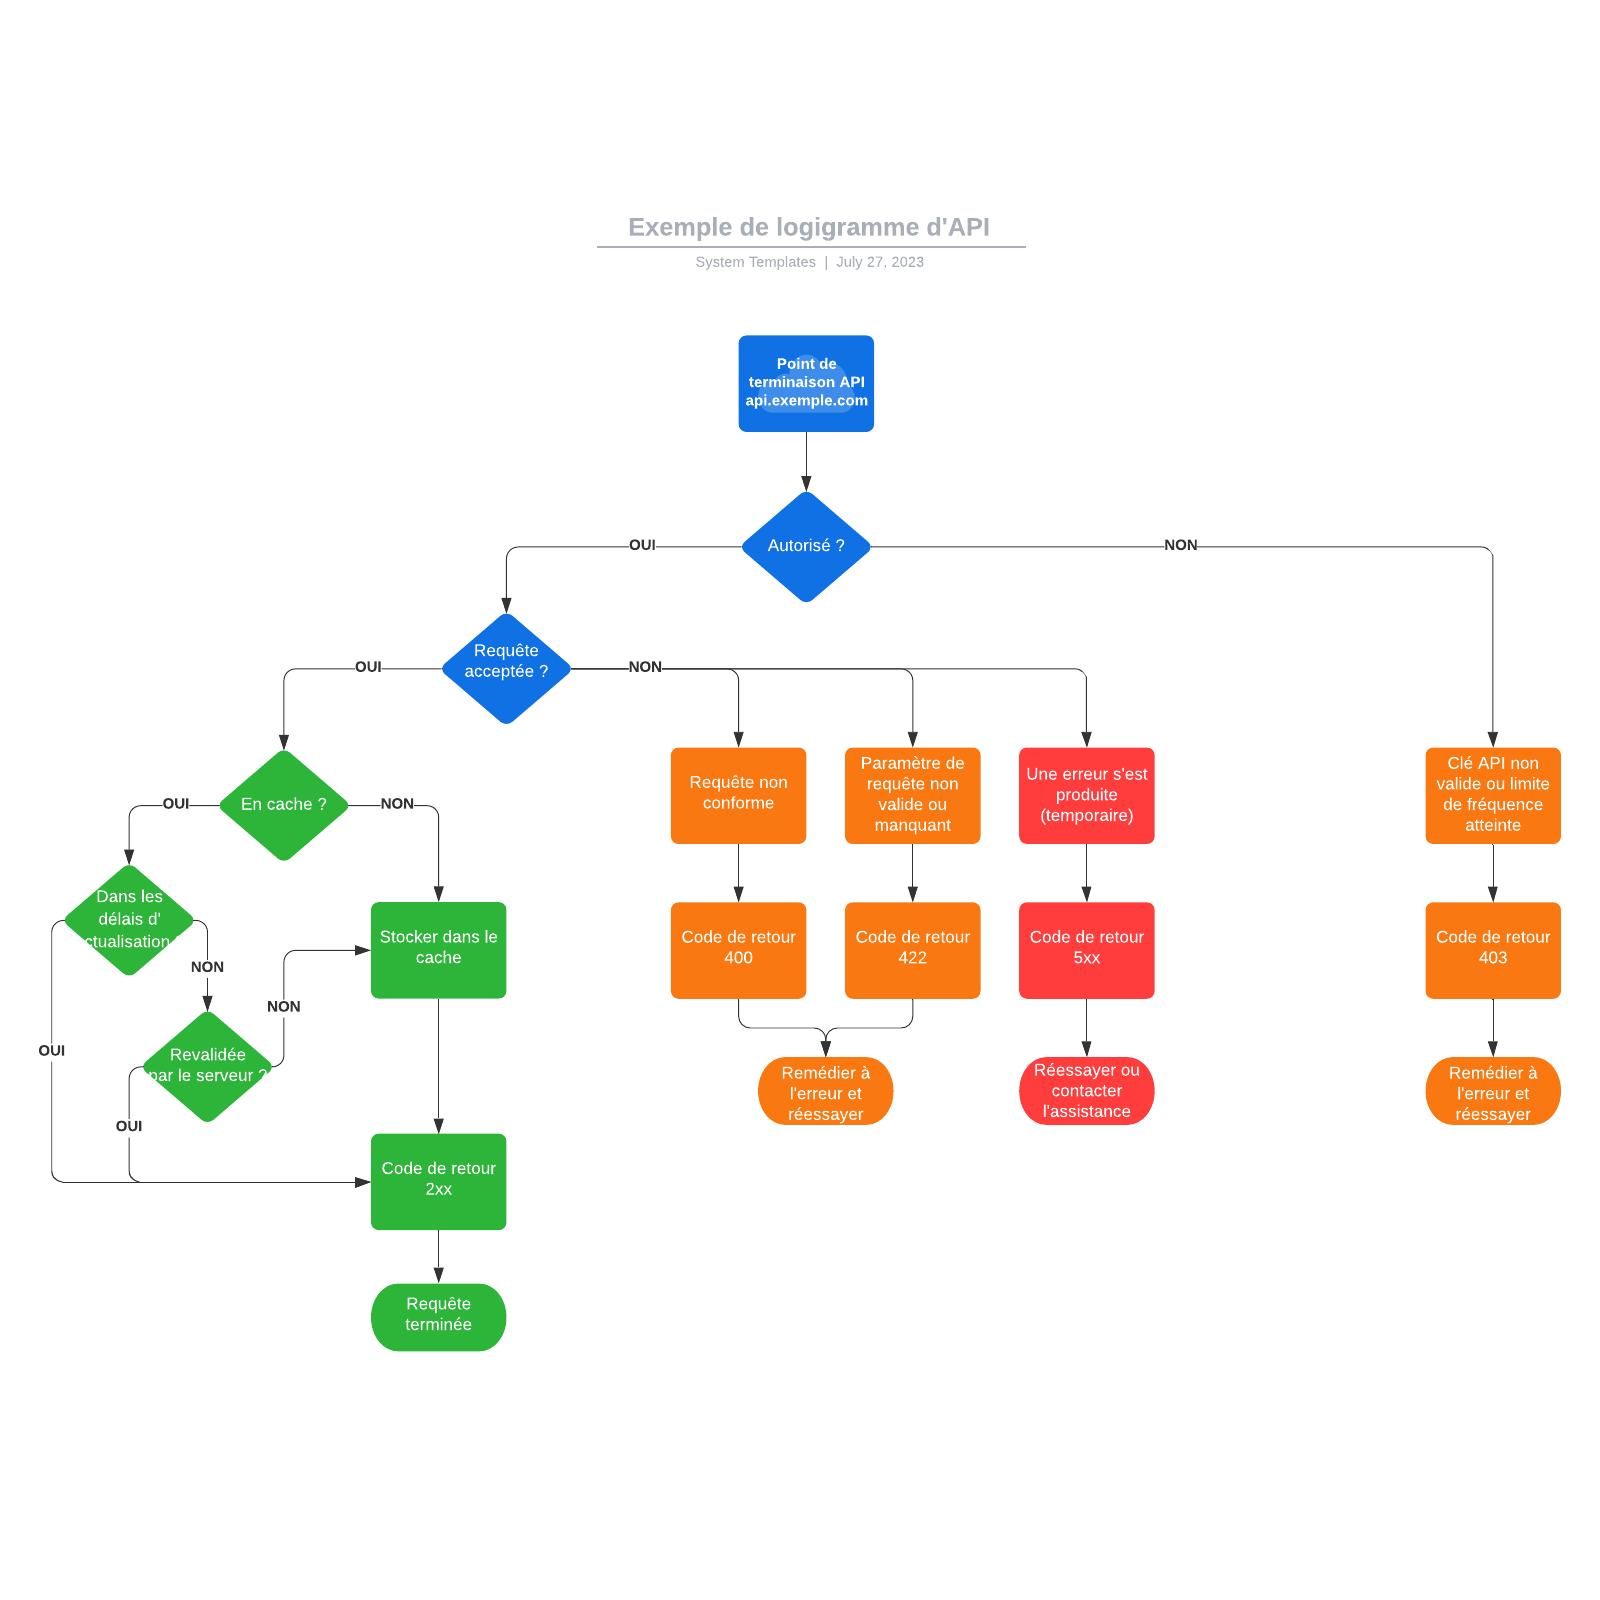 exemple de logigramme d'API